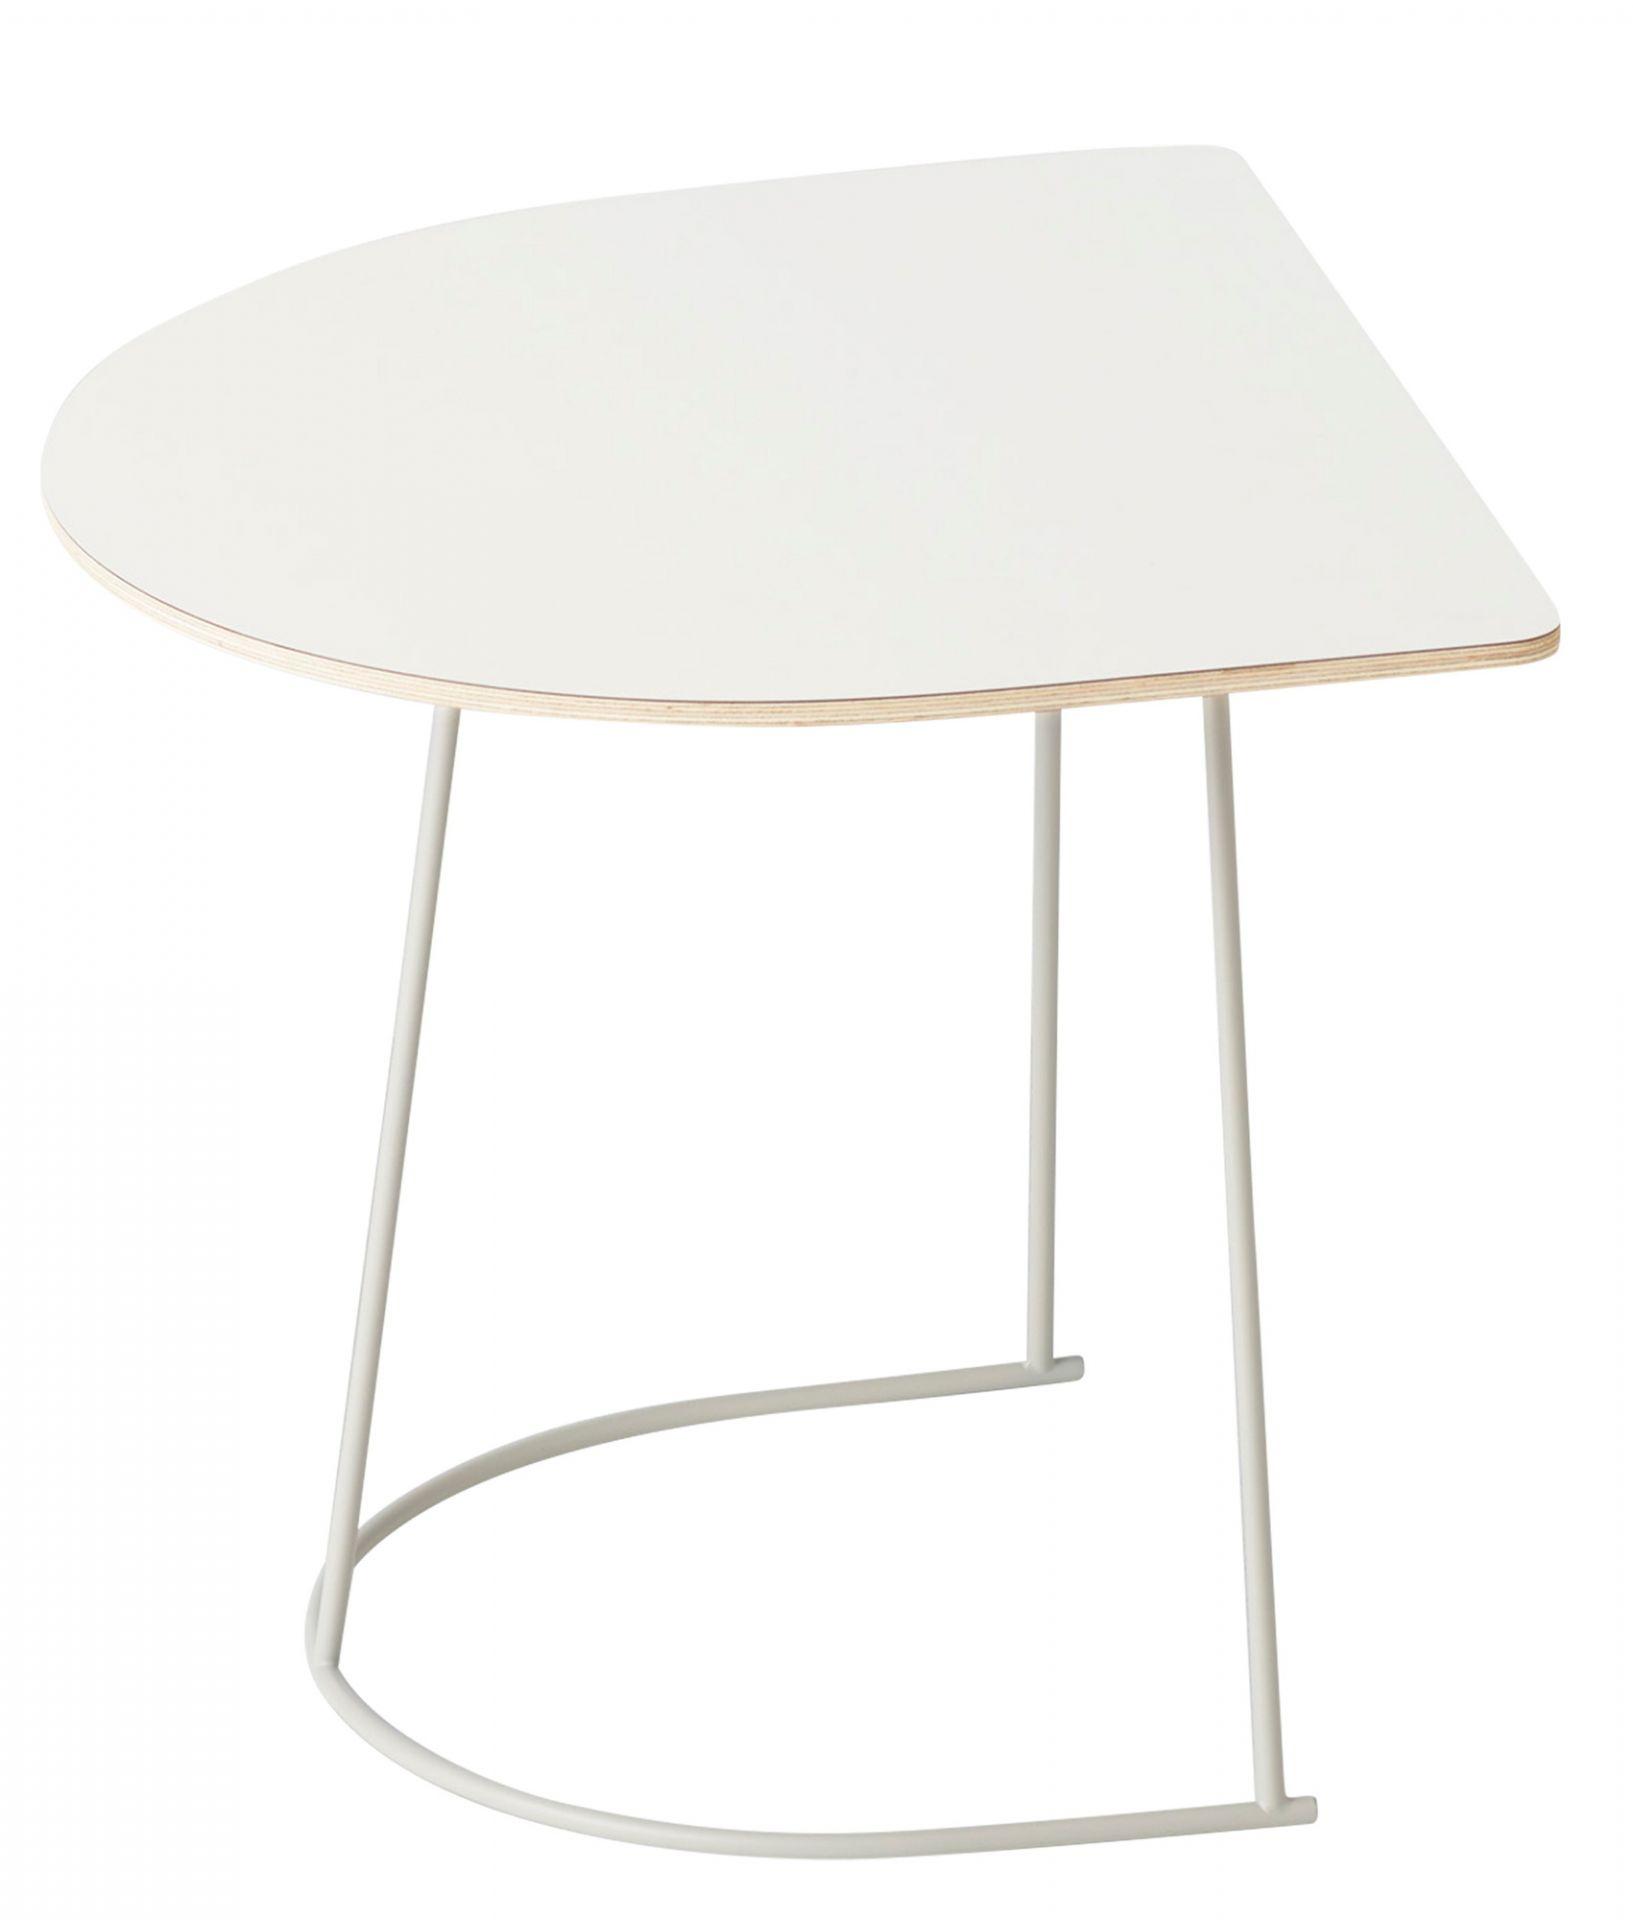 Airy Coffee Table Half Size Beistelltisch Muuto